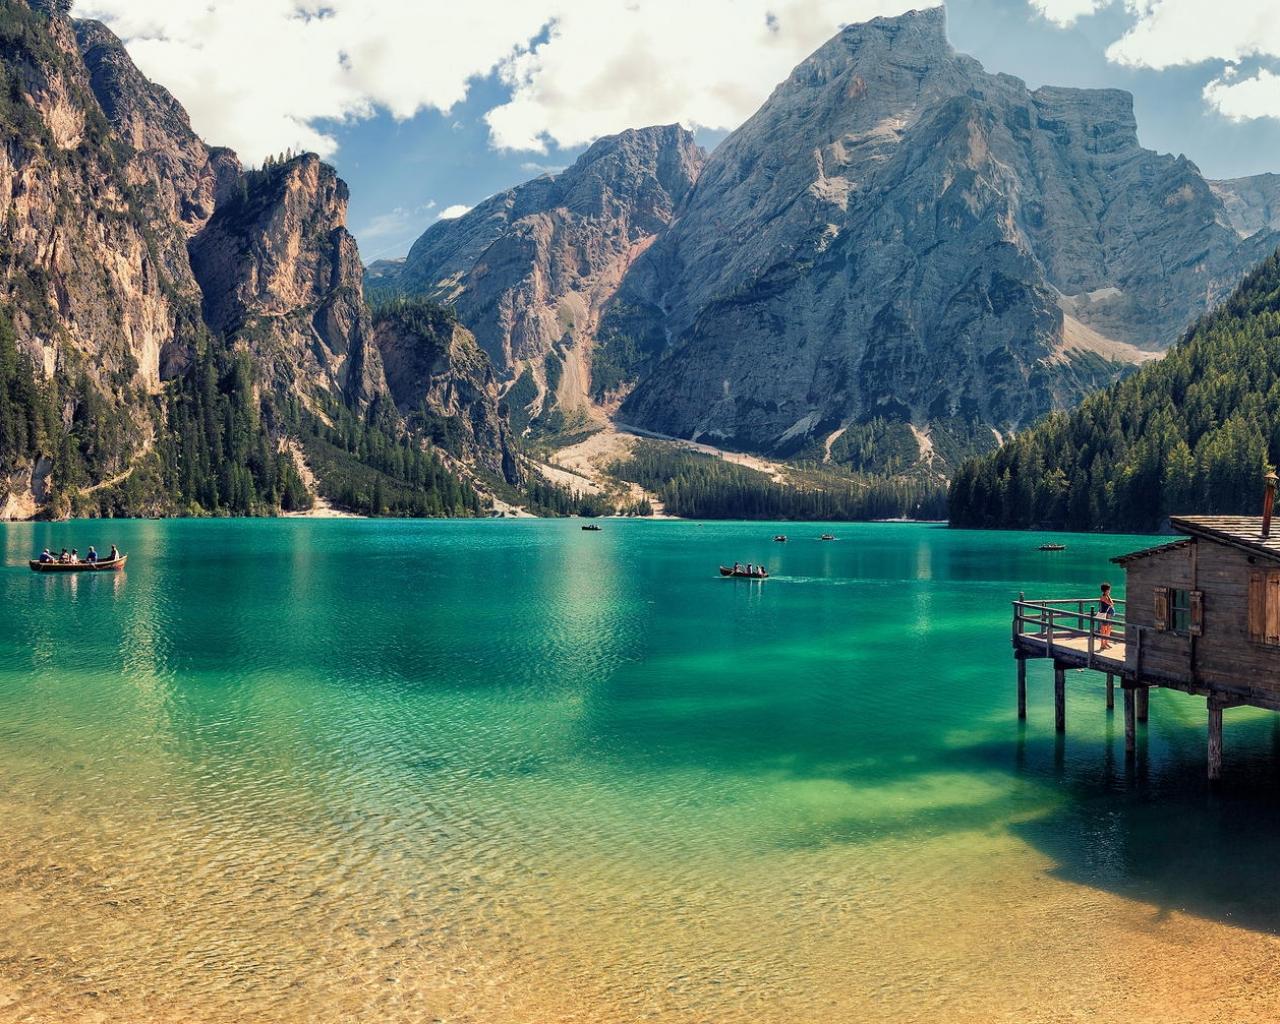 Lago Di Braies de Italia - 1280x1024